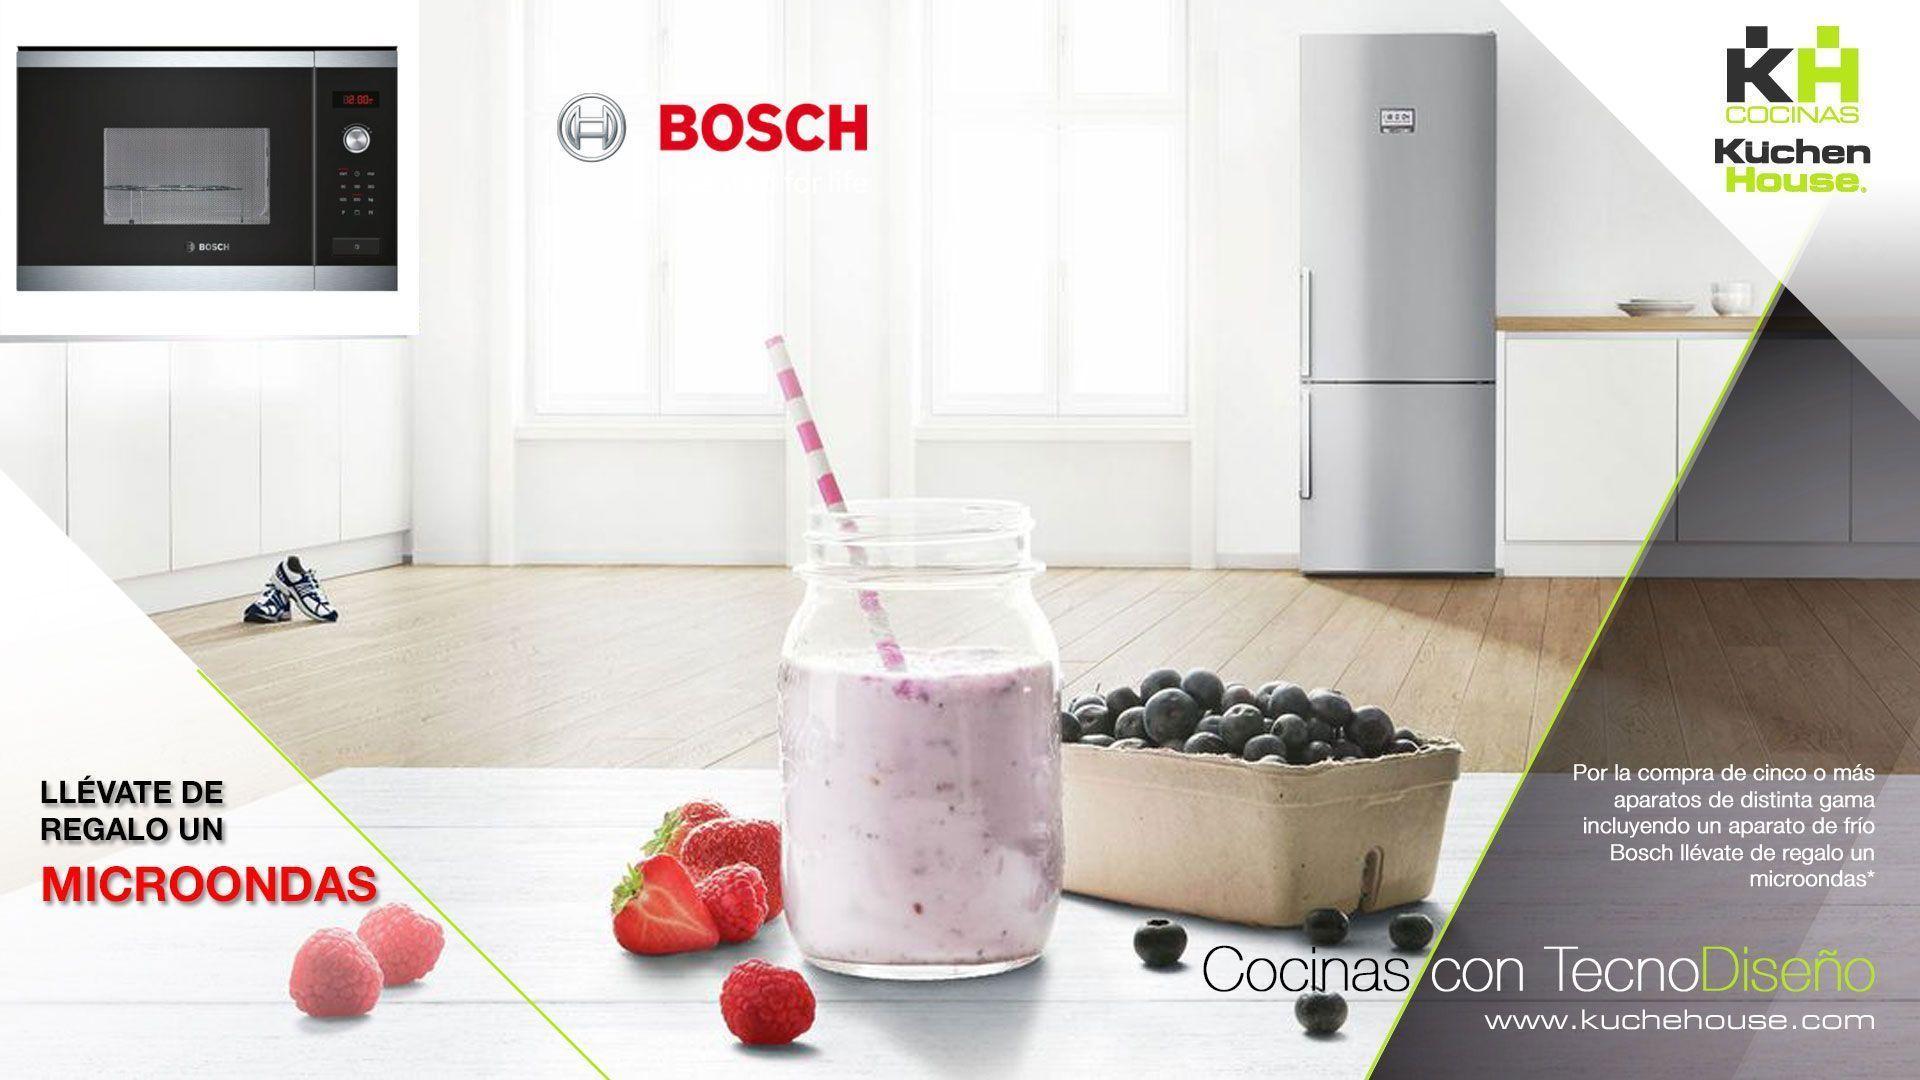 Tu nuevo microondas Bosch de regalo con la campaña de frío - KuchenHouse - Reformas - Armarios - Hogar